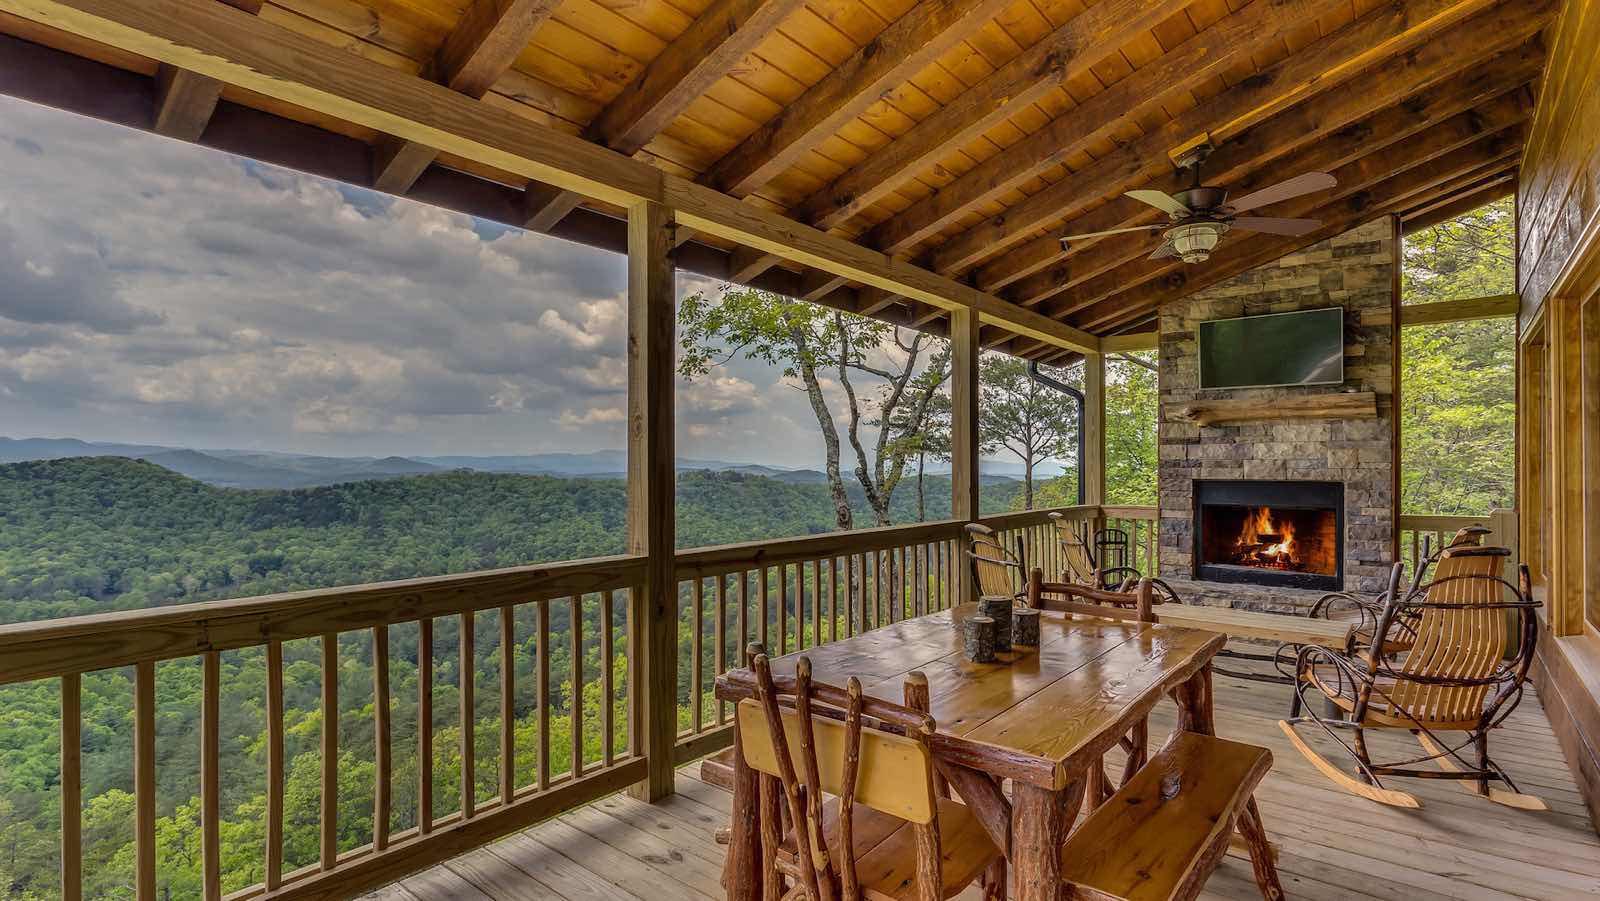 Blue Ridge Ga Cabin Rentals 4 Bedroom Cabin Rentals